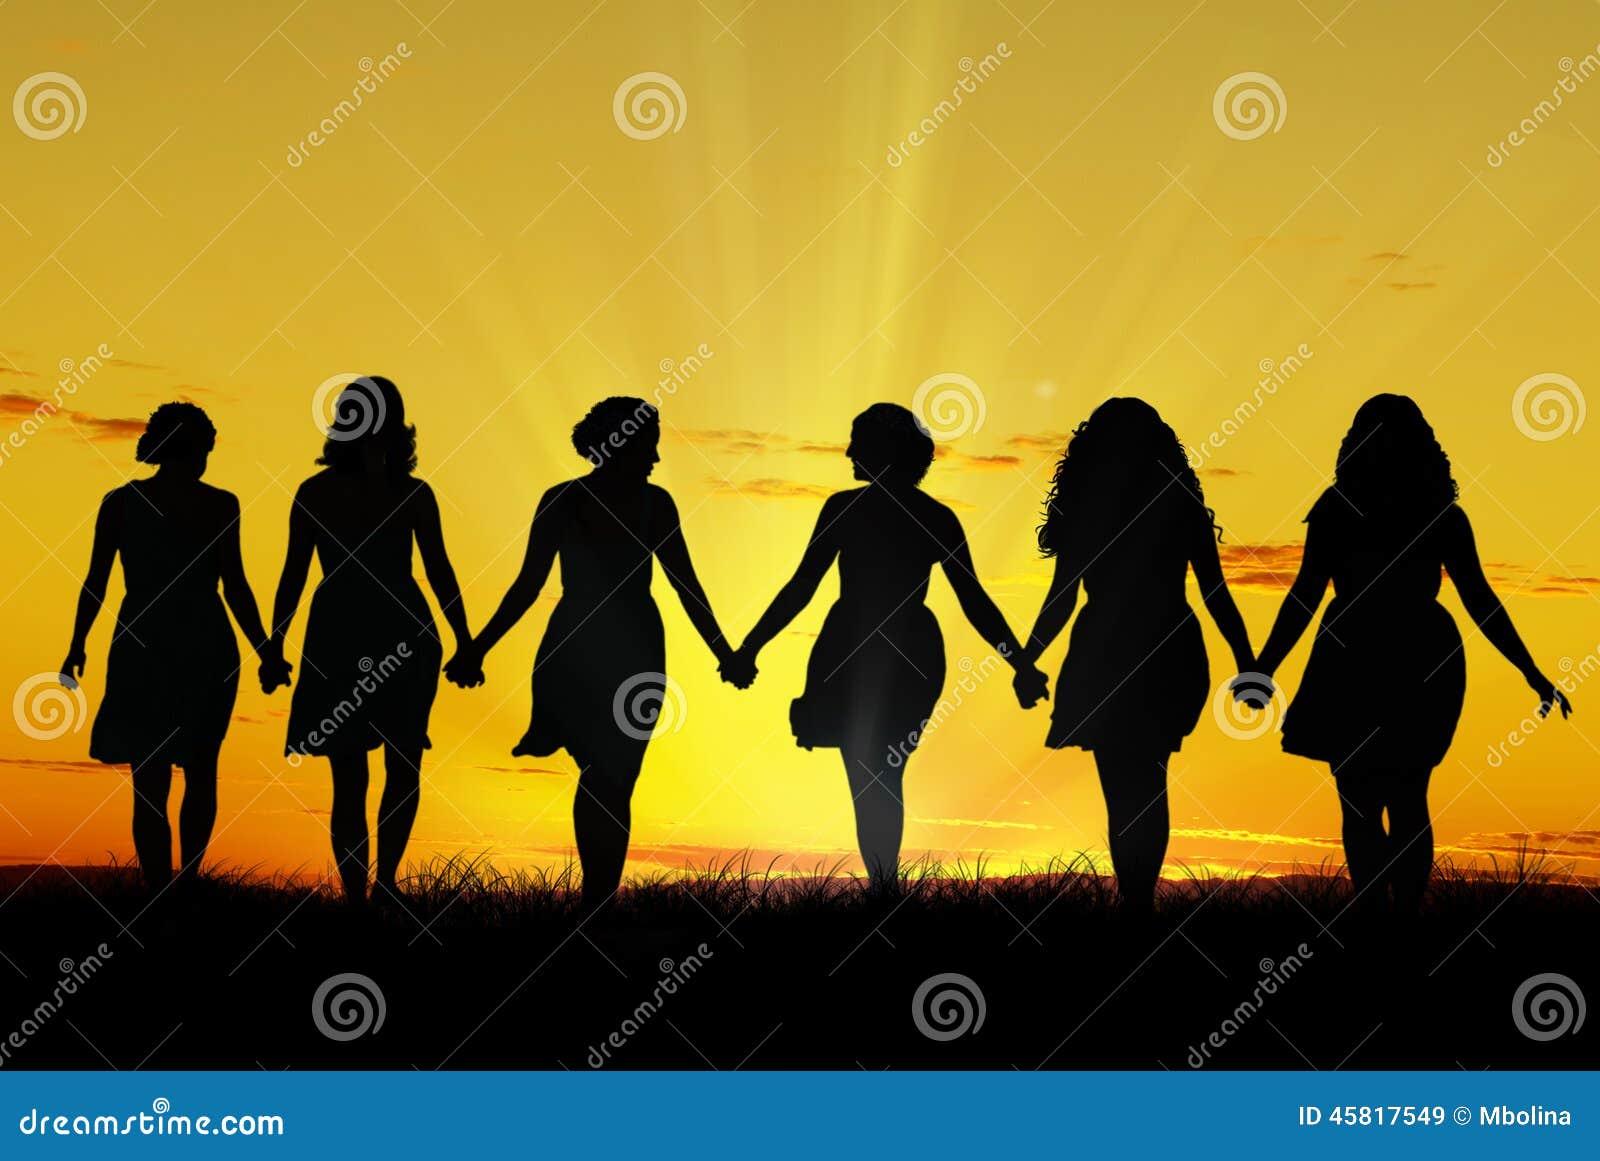 Kvinnor som går handen - in - hand